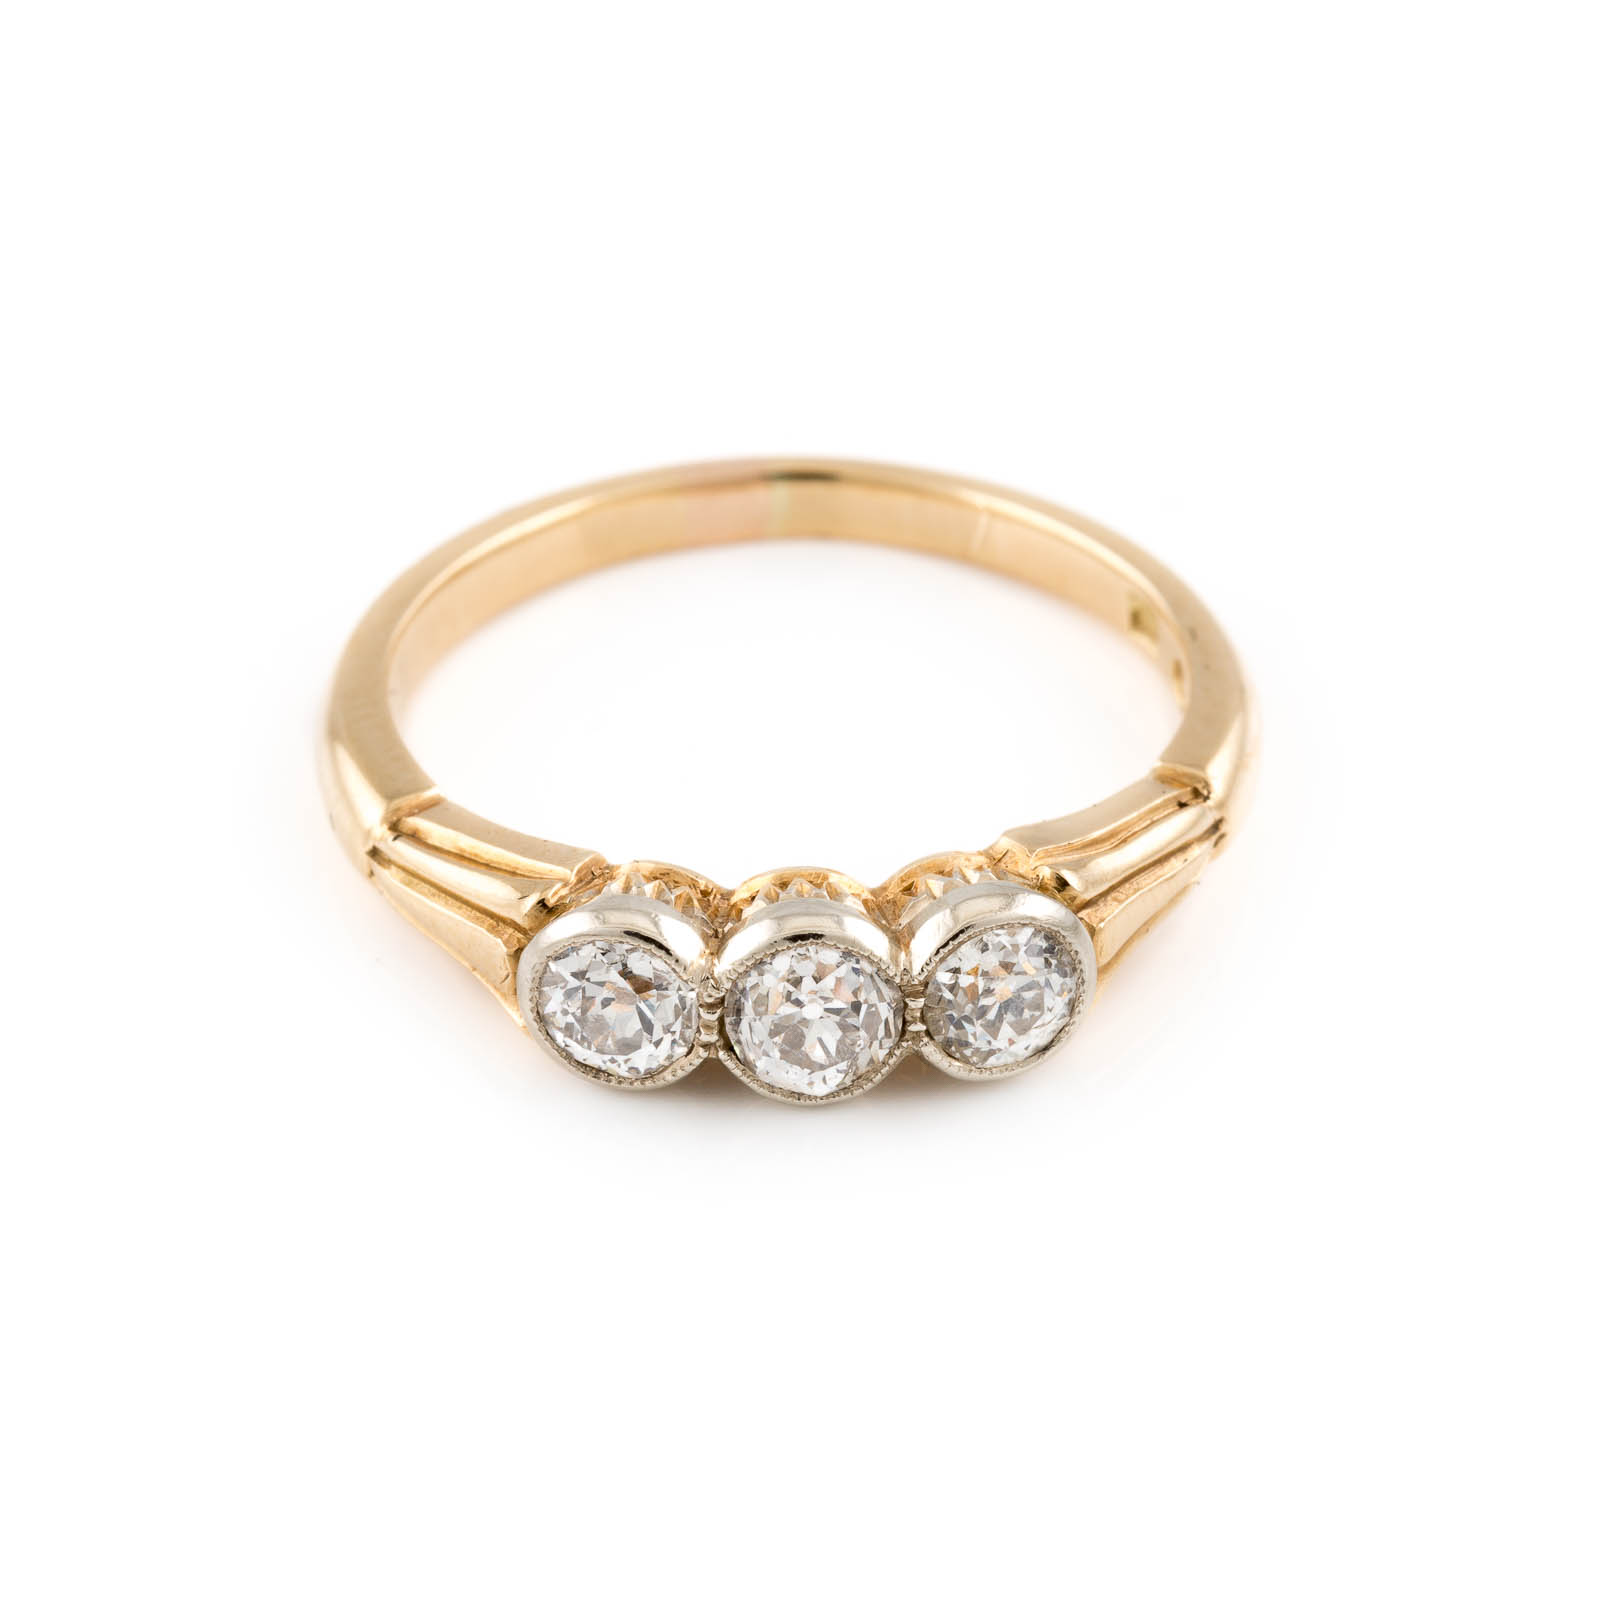 DIAMANT-RING Gelbgold. Ringmaß ca. 57,5, Ges.-Gew. ca. 3,9 g. Geprüft 14 K. Drei Diamanten im